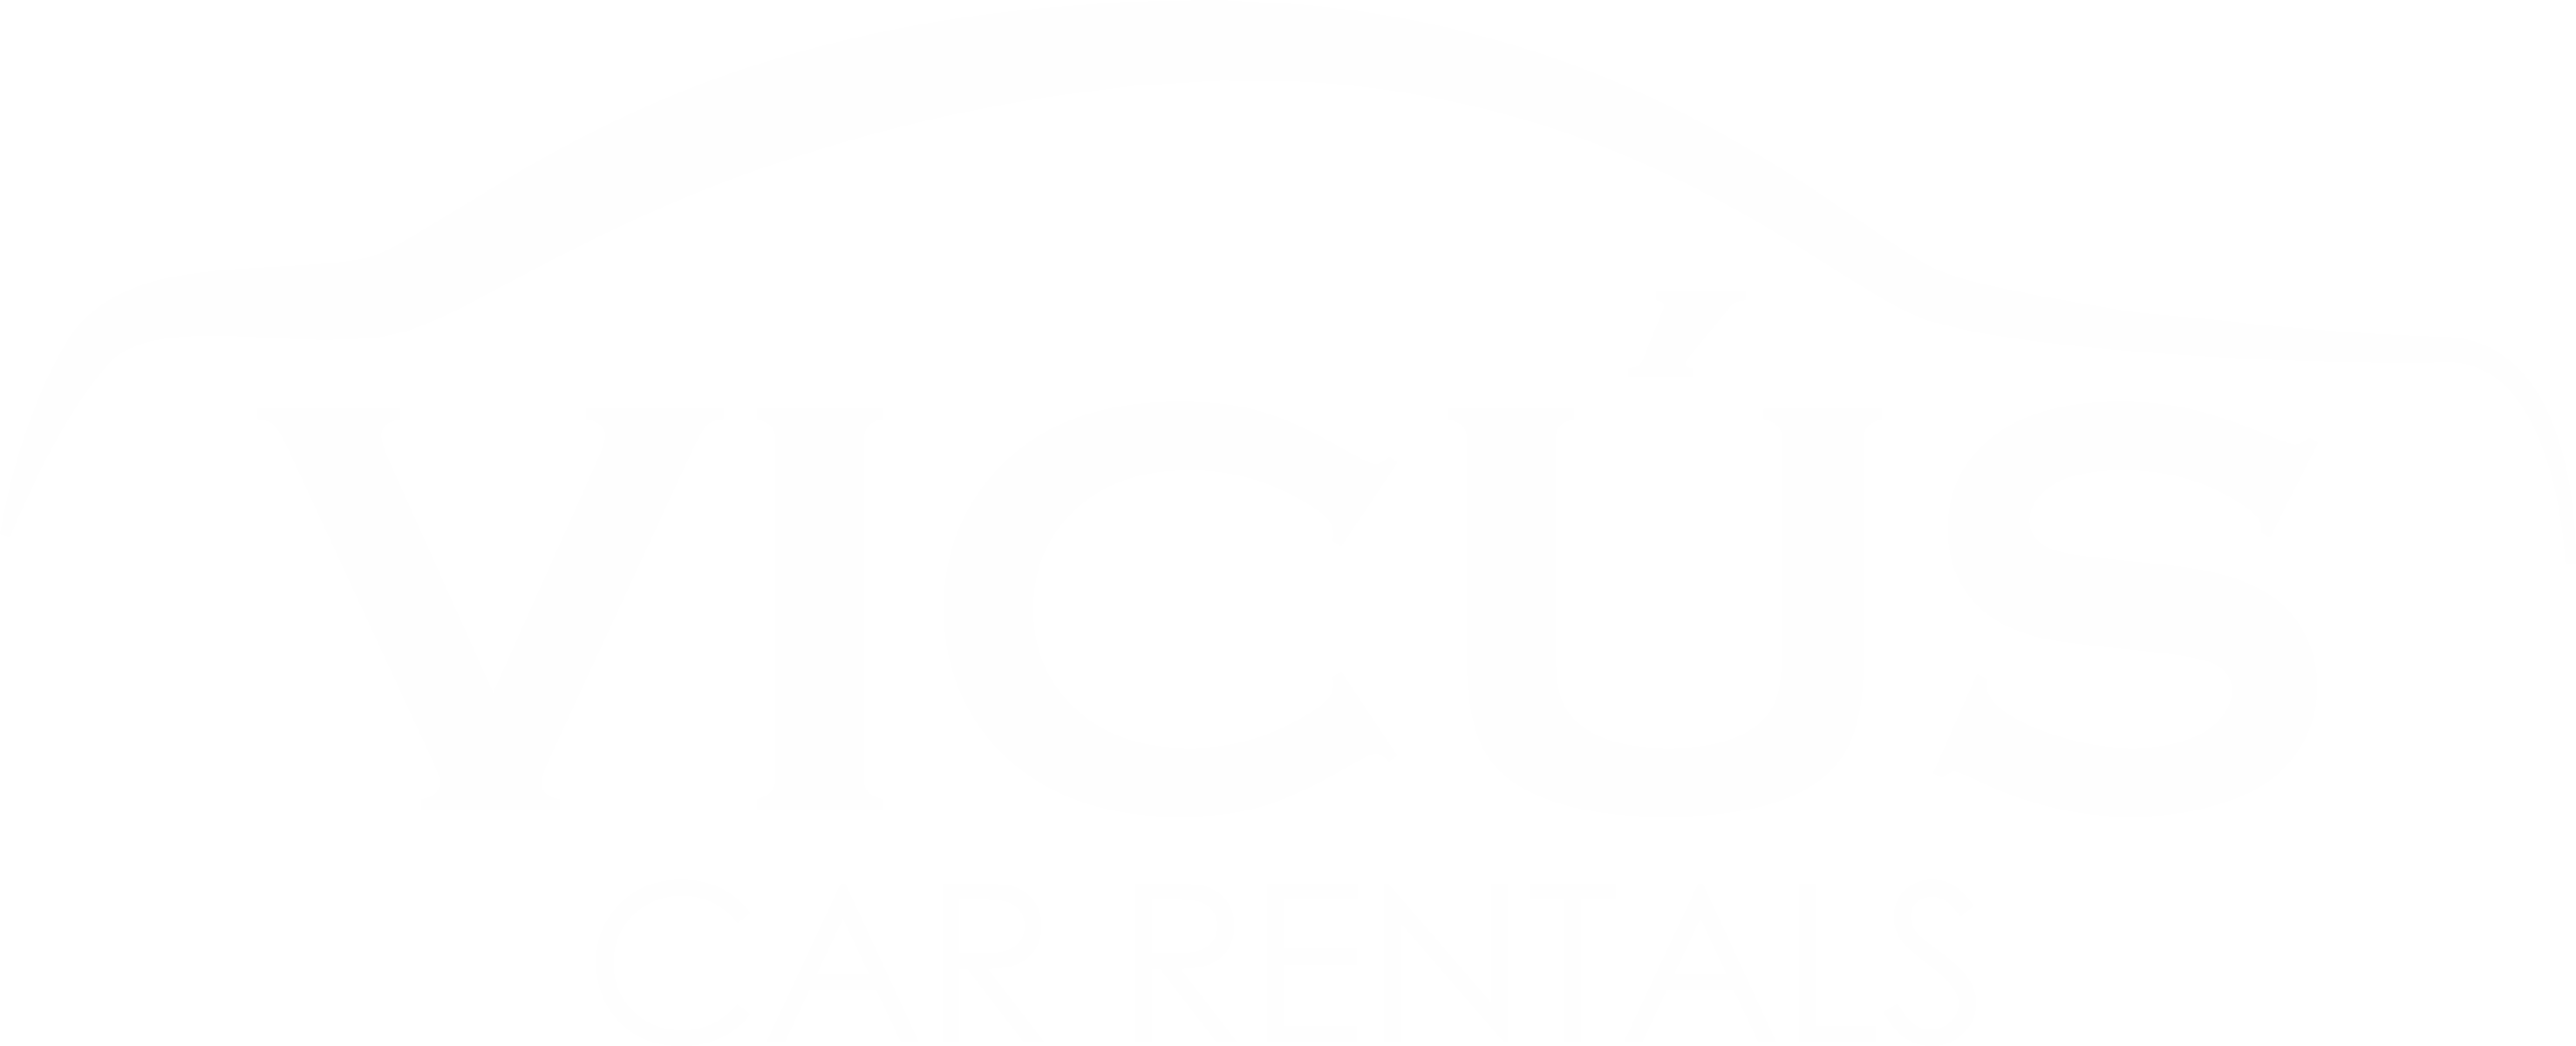 VICUS CAR RENTALS